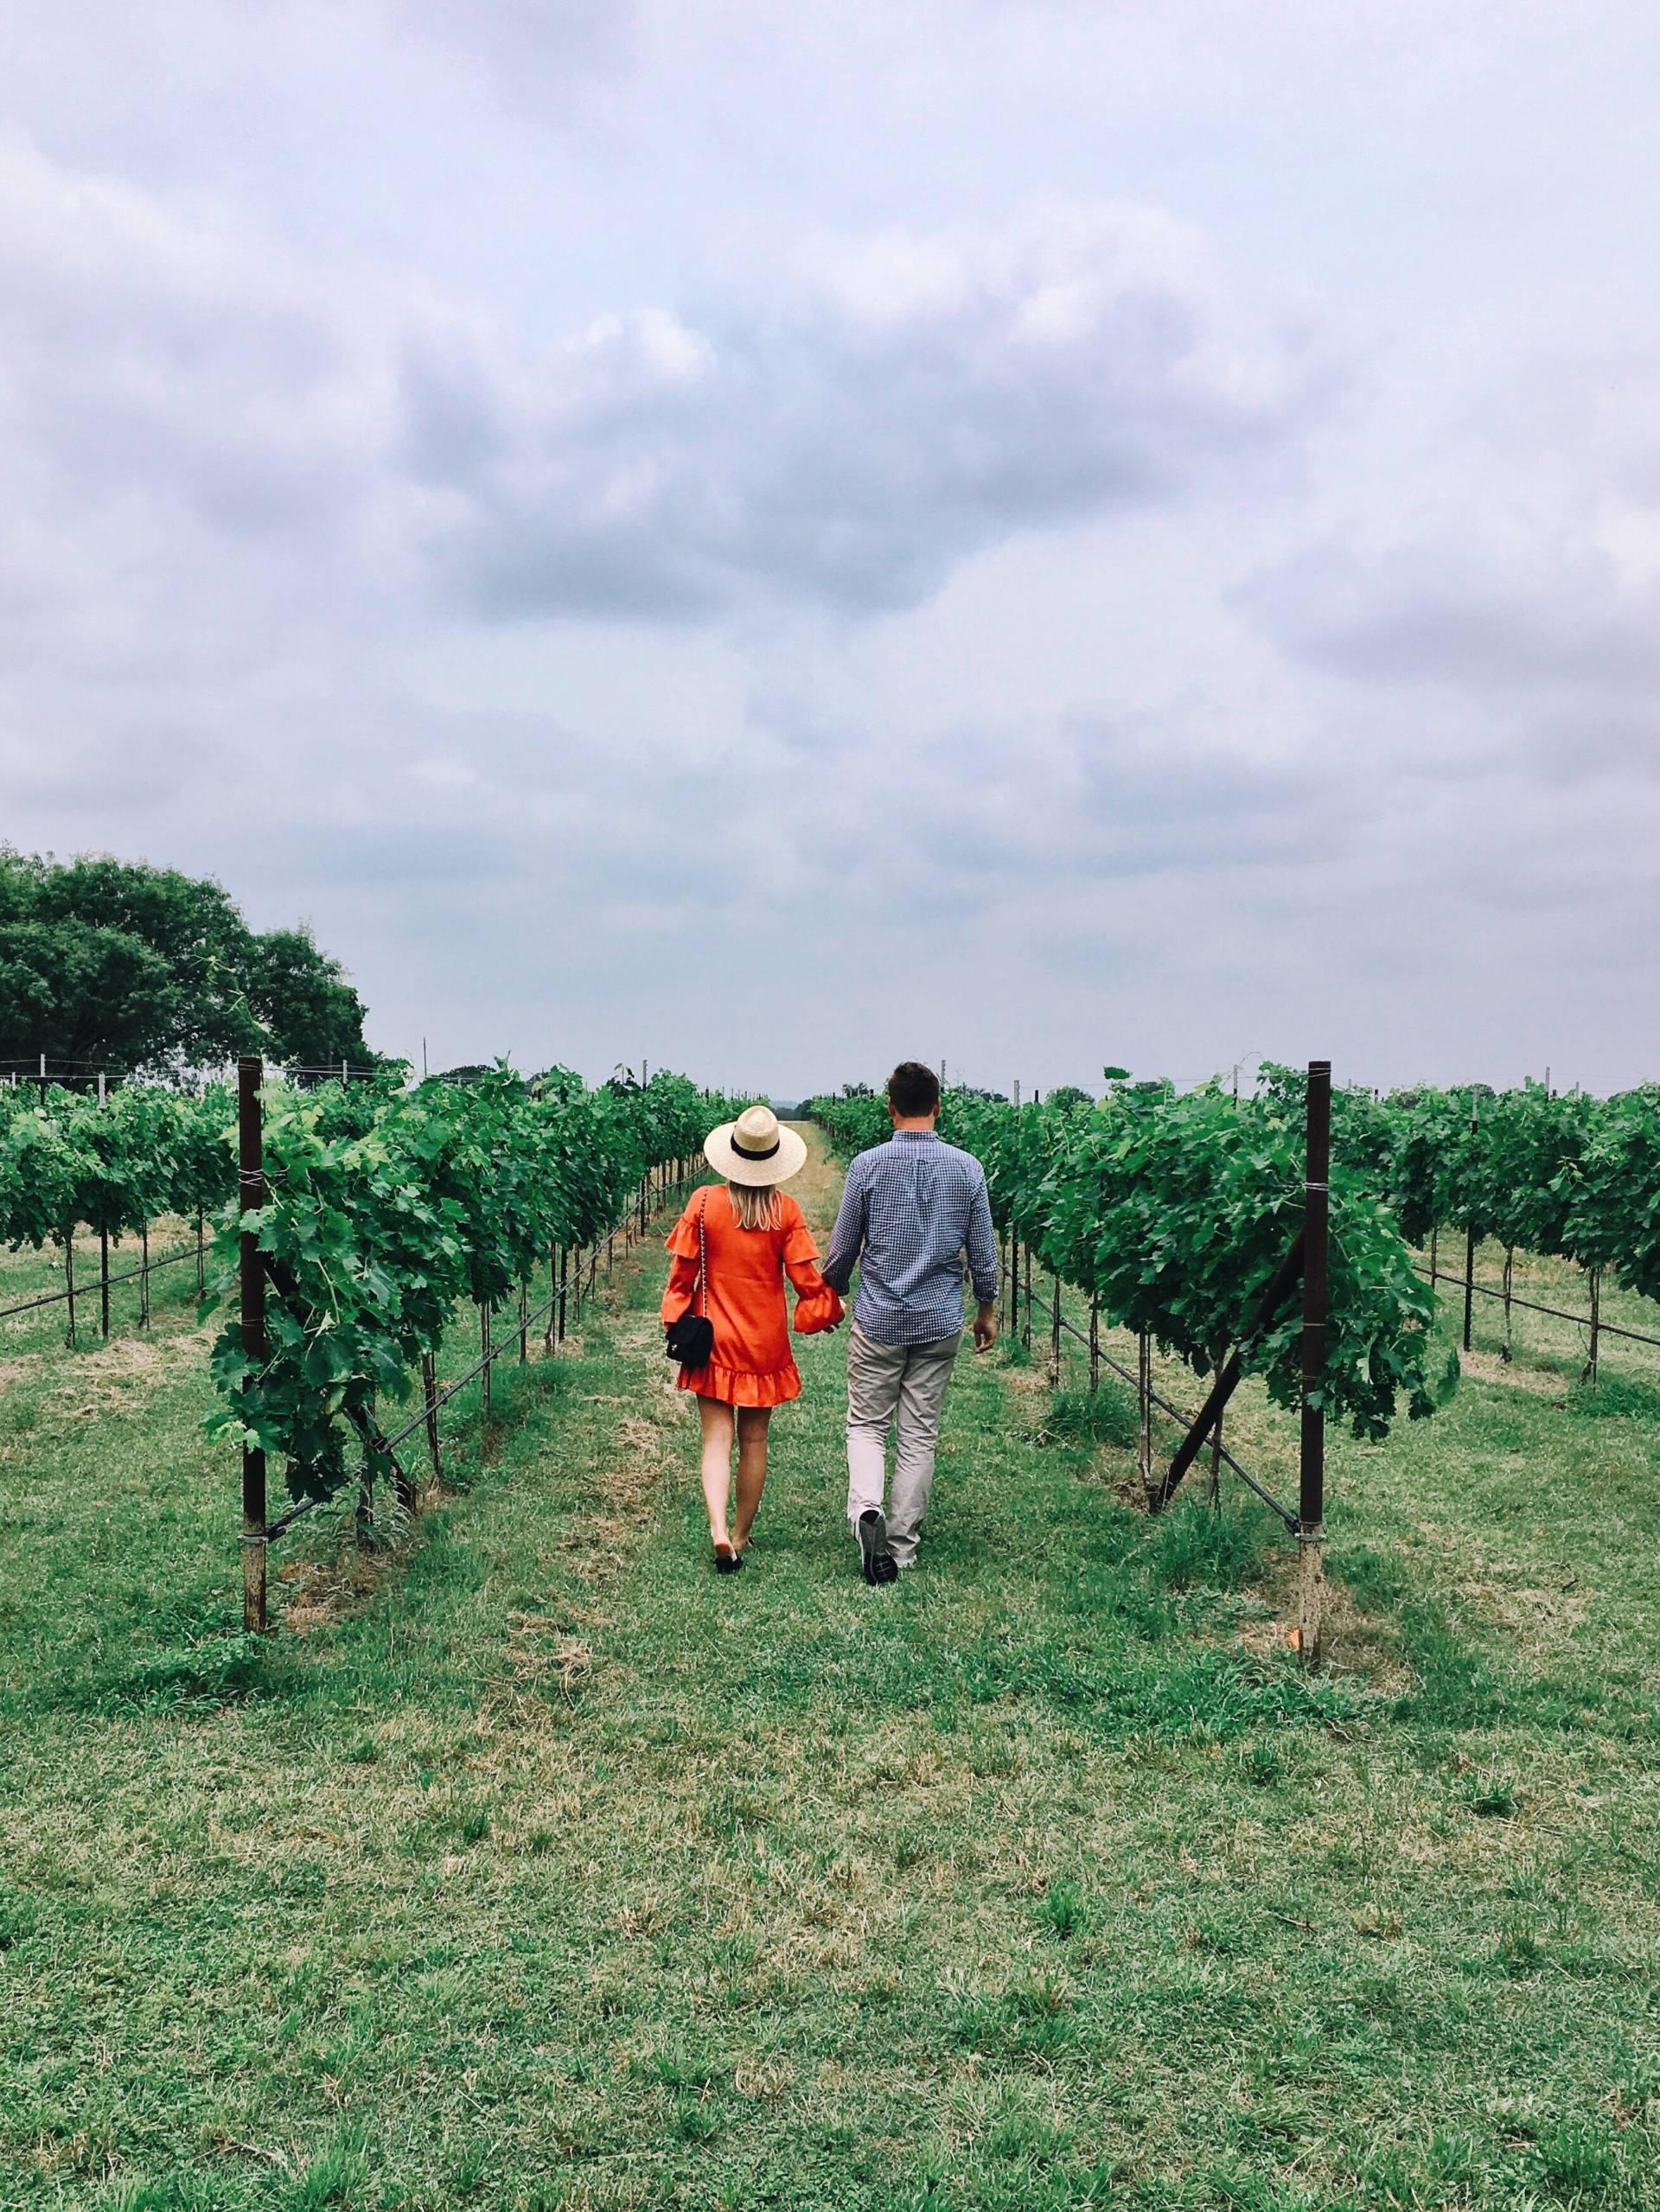 Memorial Day Weekend Wine Tasting at Becker Vineyards